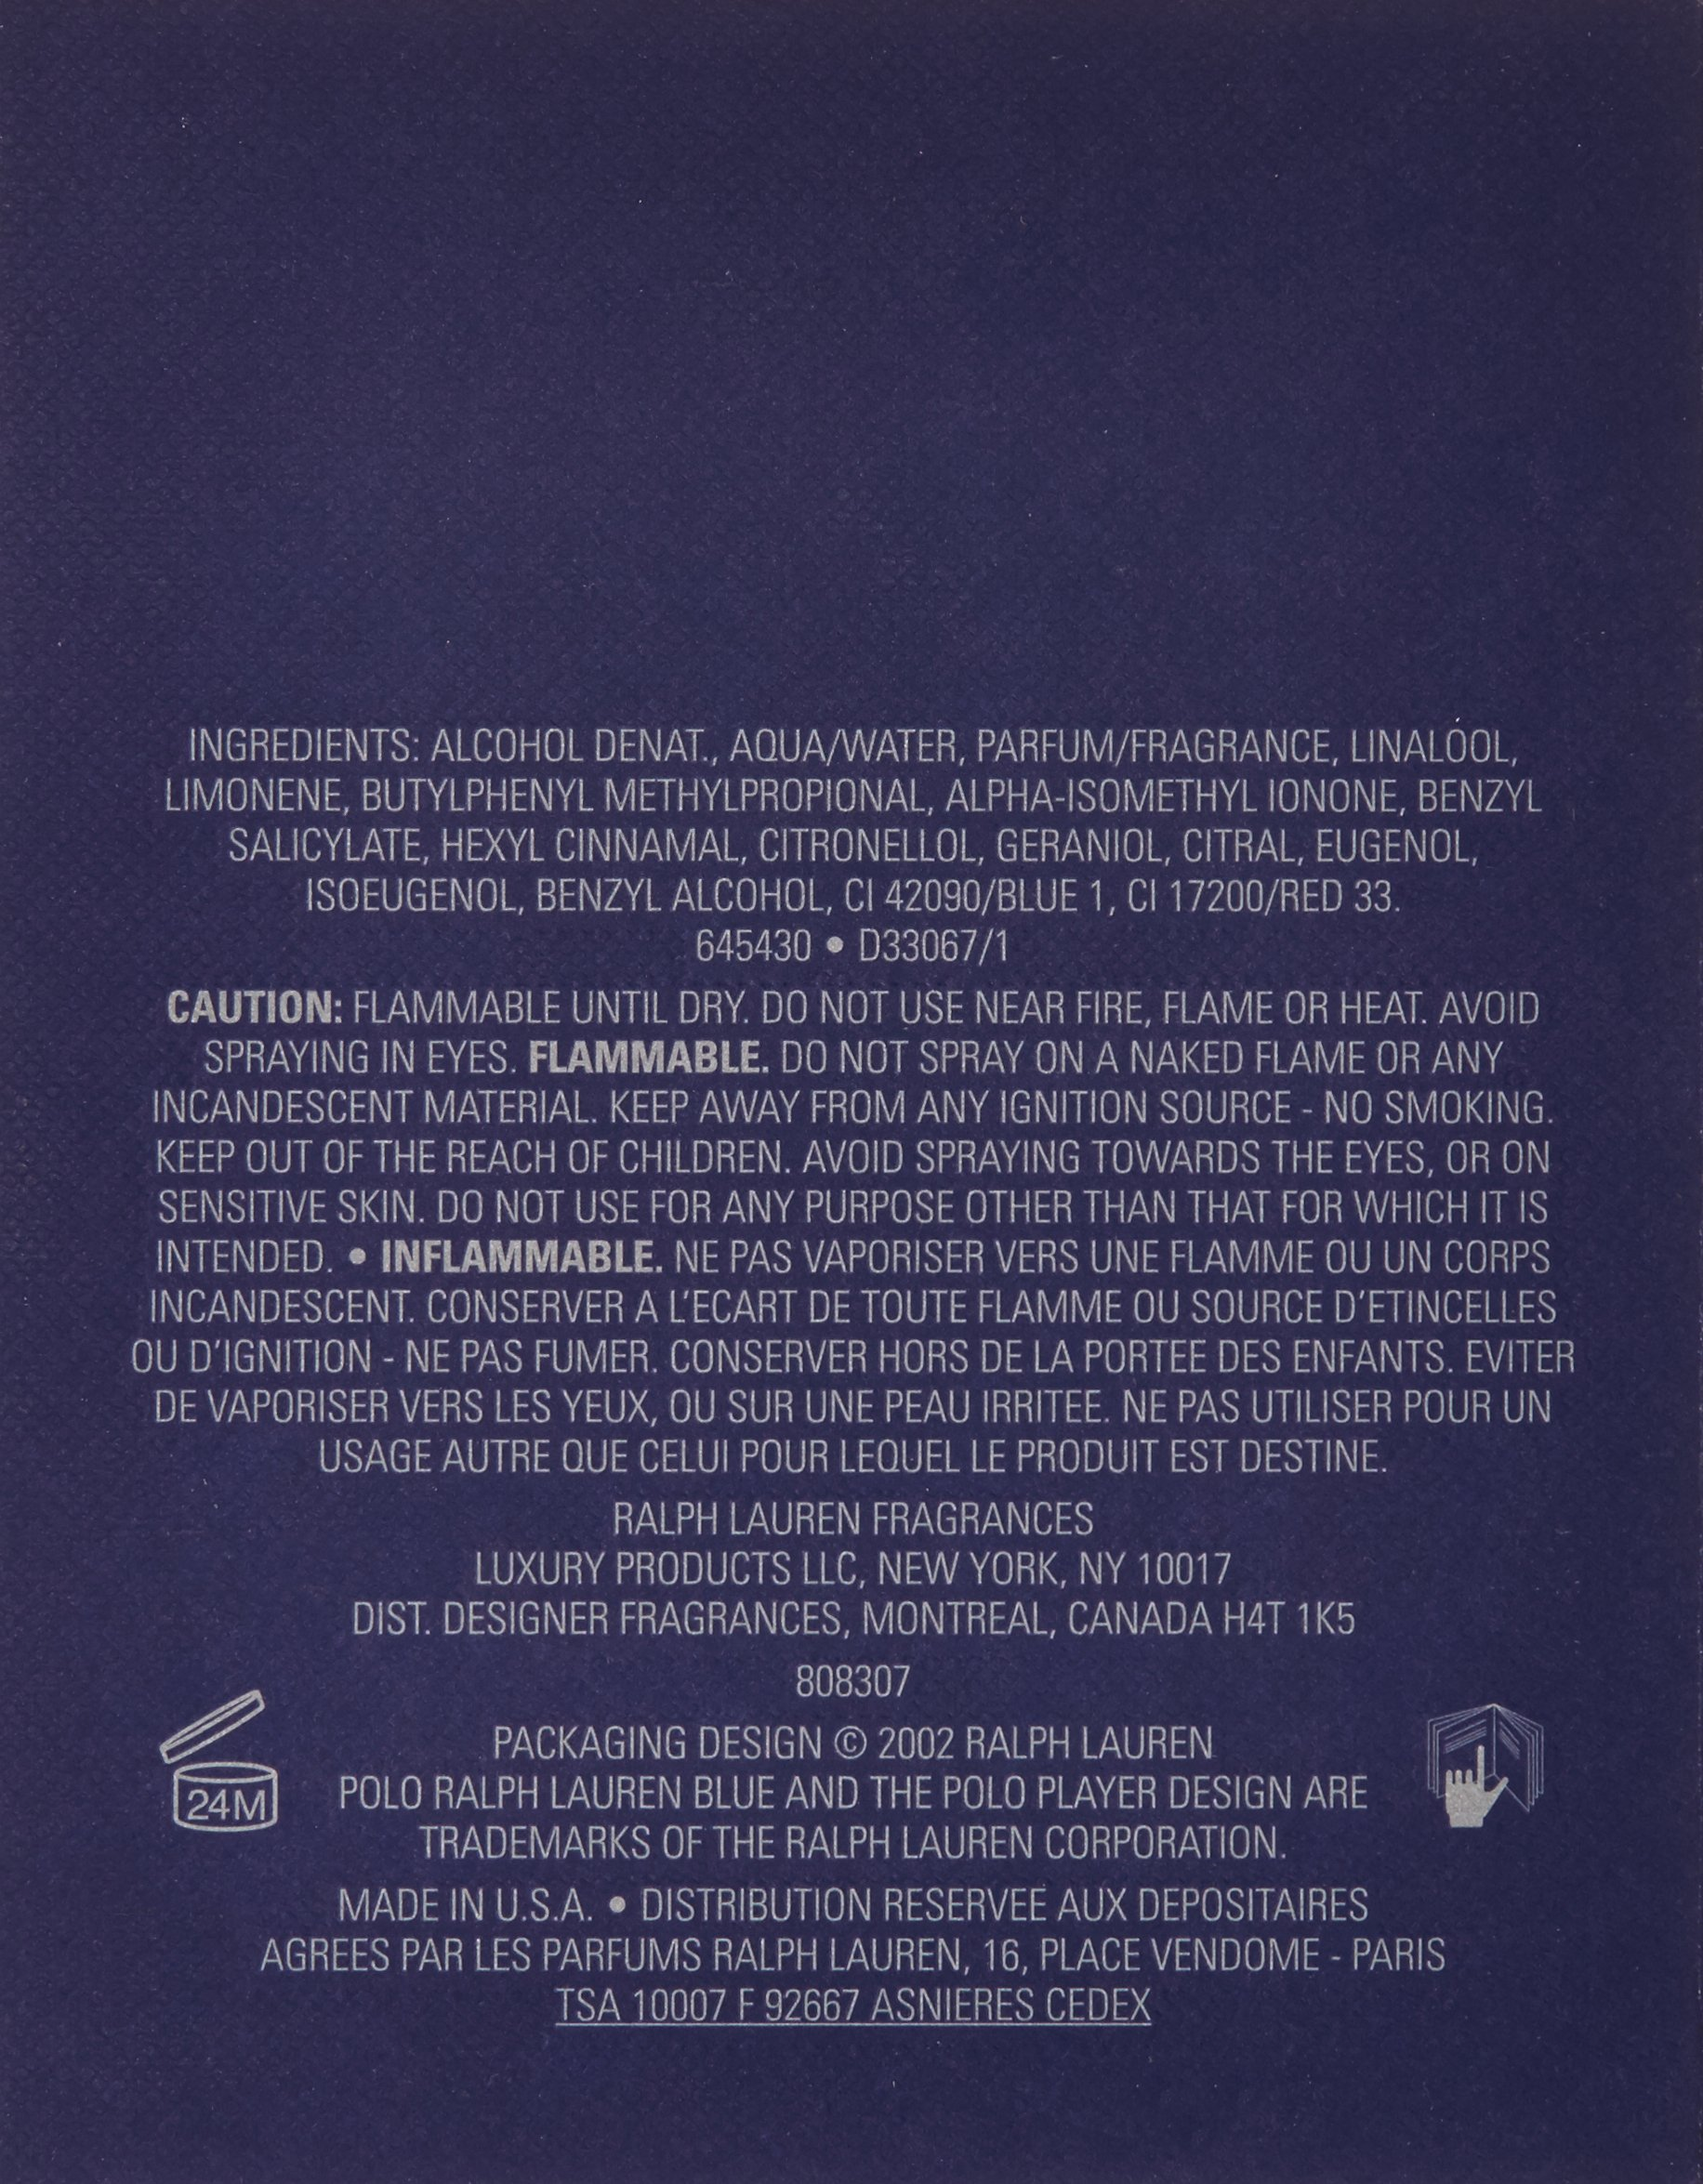 Polo Blue by Ralph Lauren for Men, Eau De Toilette Natural Spray, 4.2 Ounce by RALPH LAUREN (Image #2)